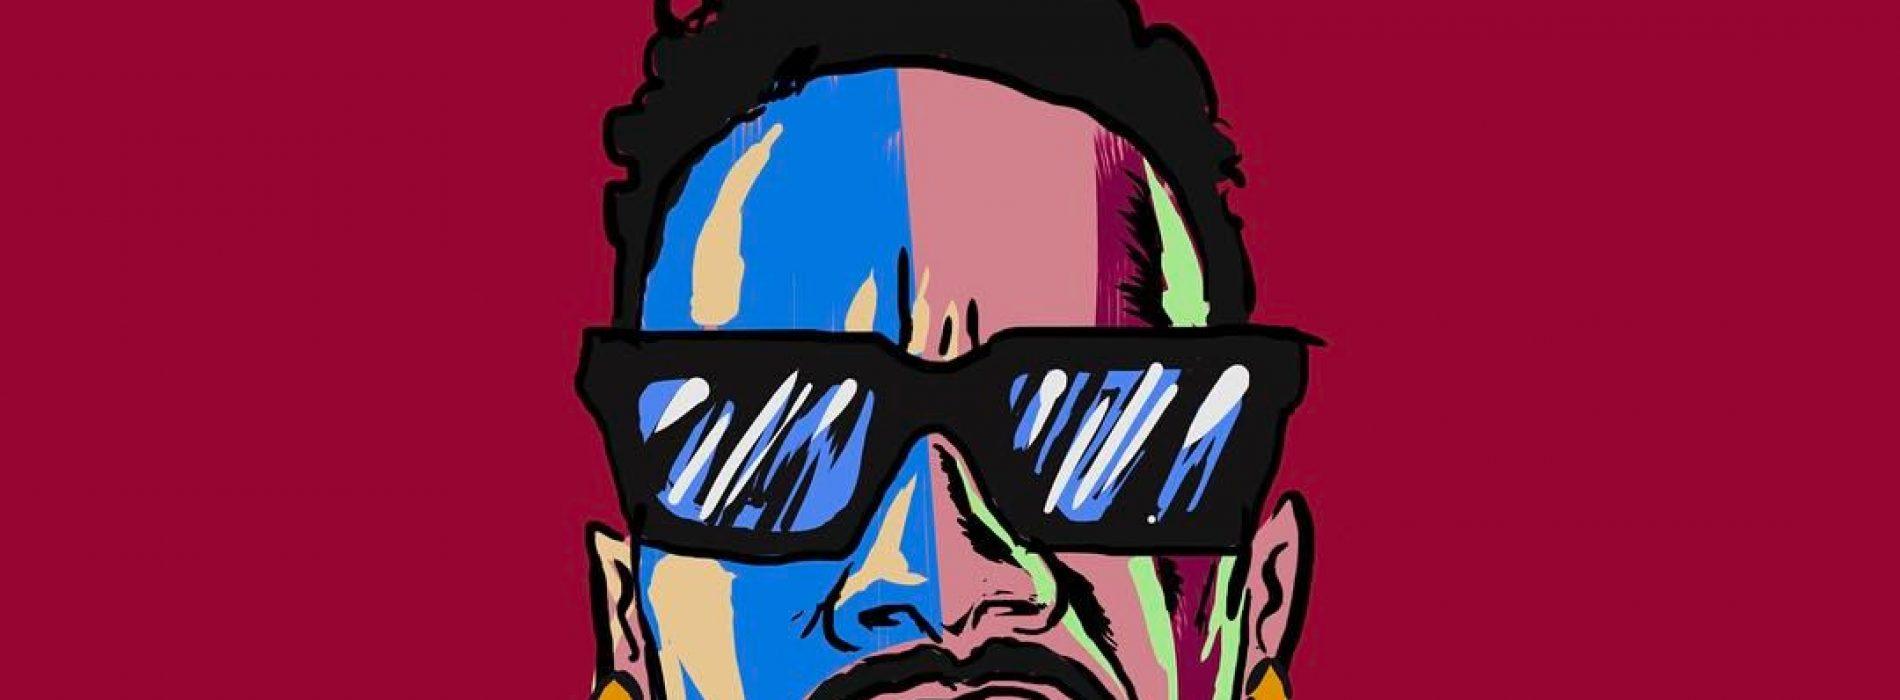 POMPIS dévoile un dernier titre reggae avec » M.LE GOUVERNEMENT » – Février 2017